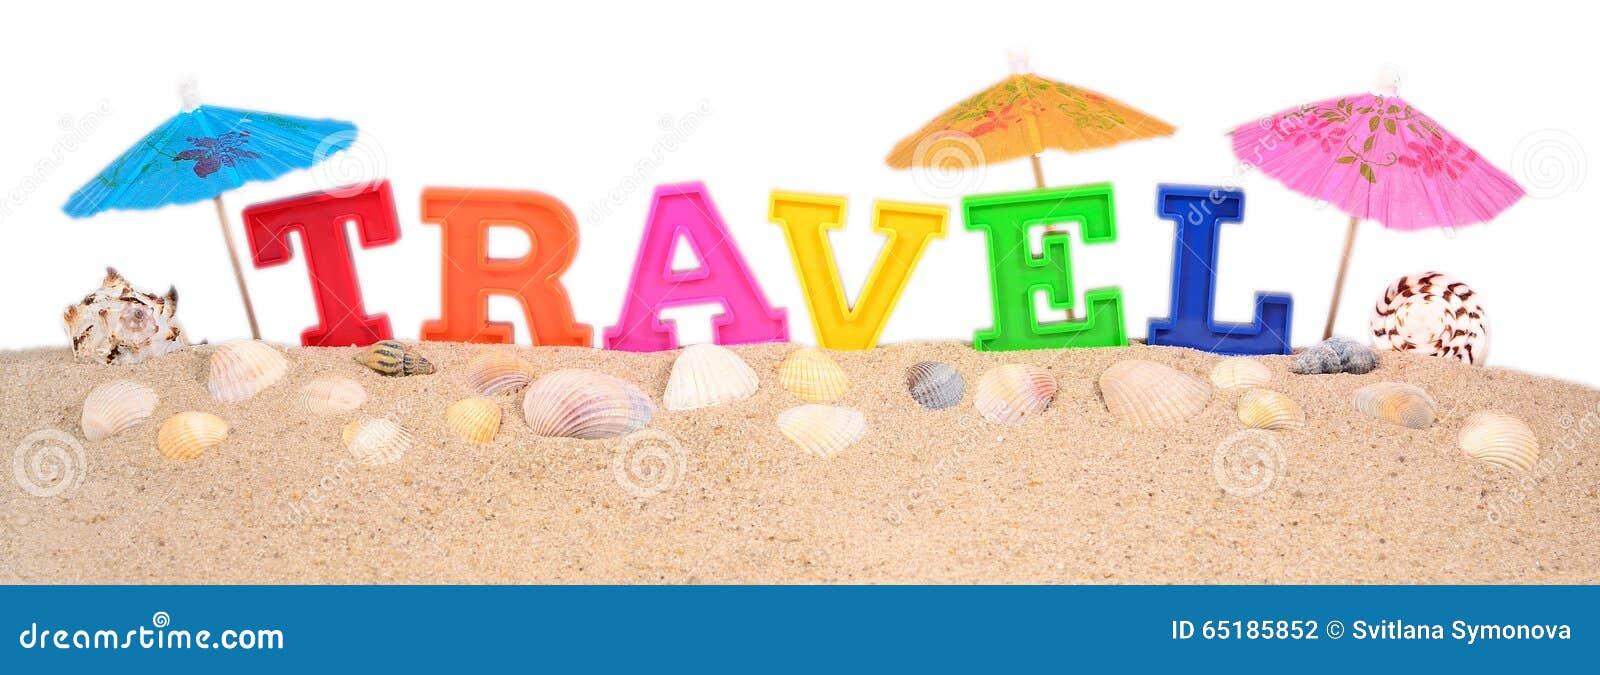 Letras del viaje en una arena de la playa en un blanco for Arena de playa precio